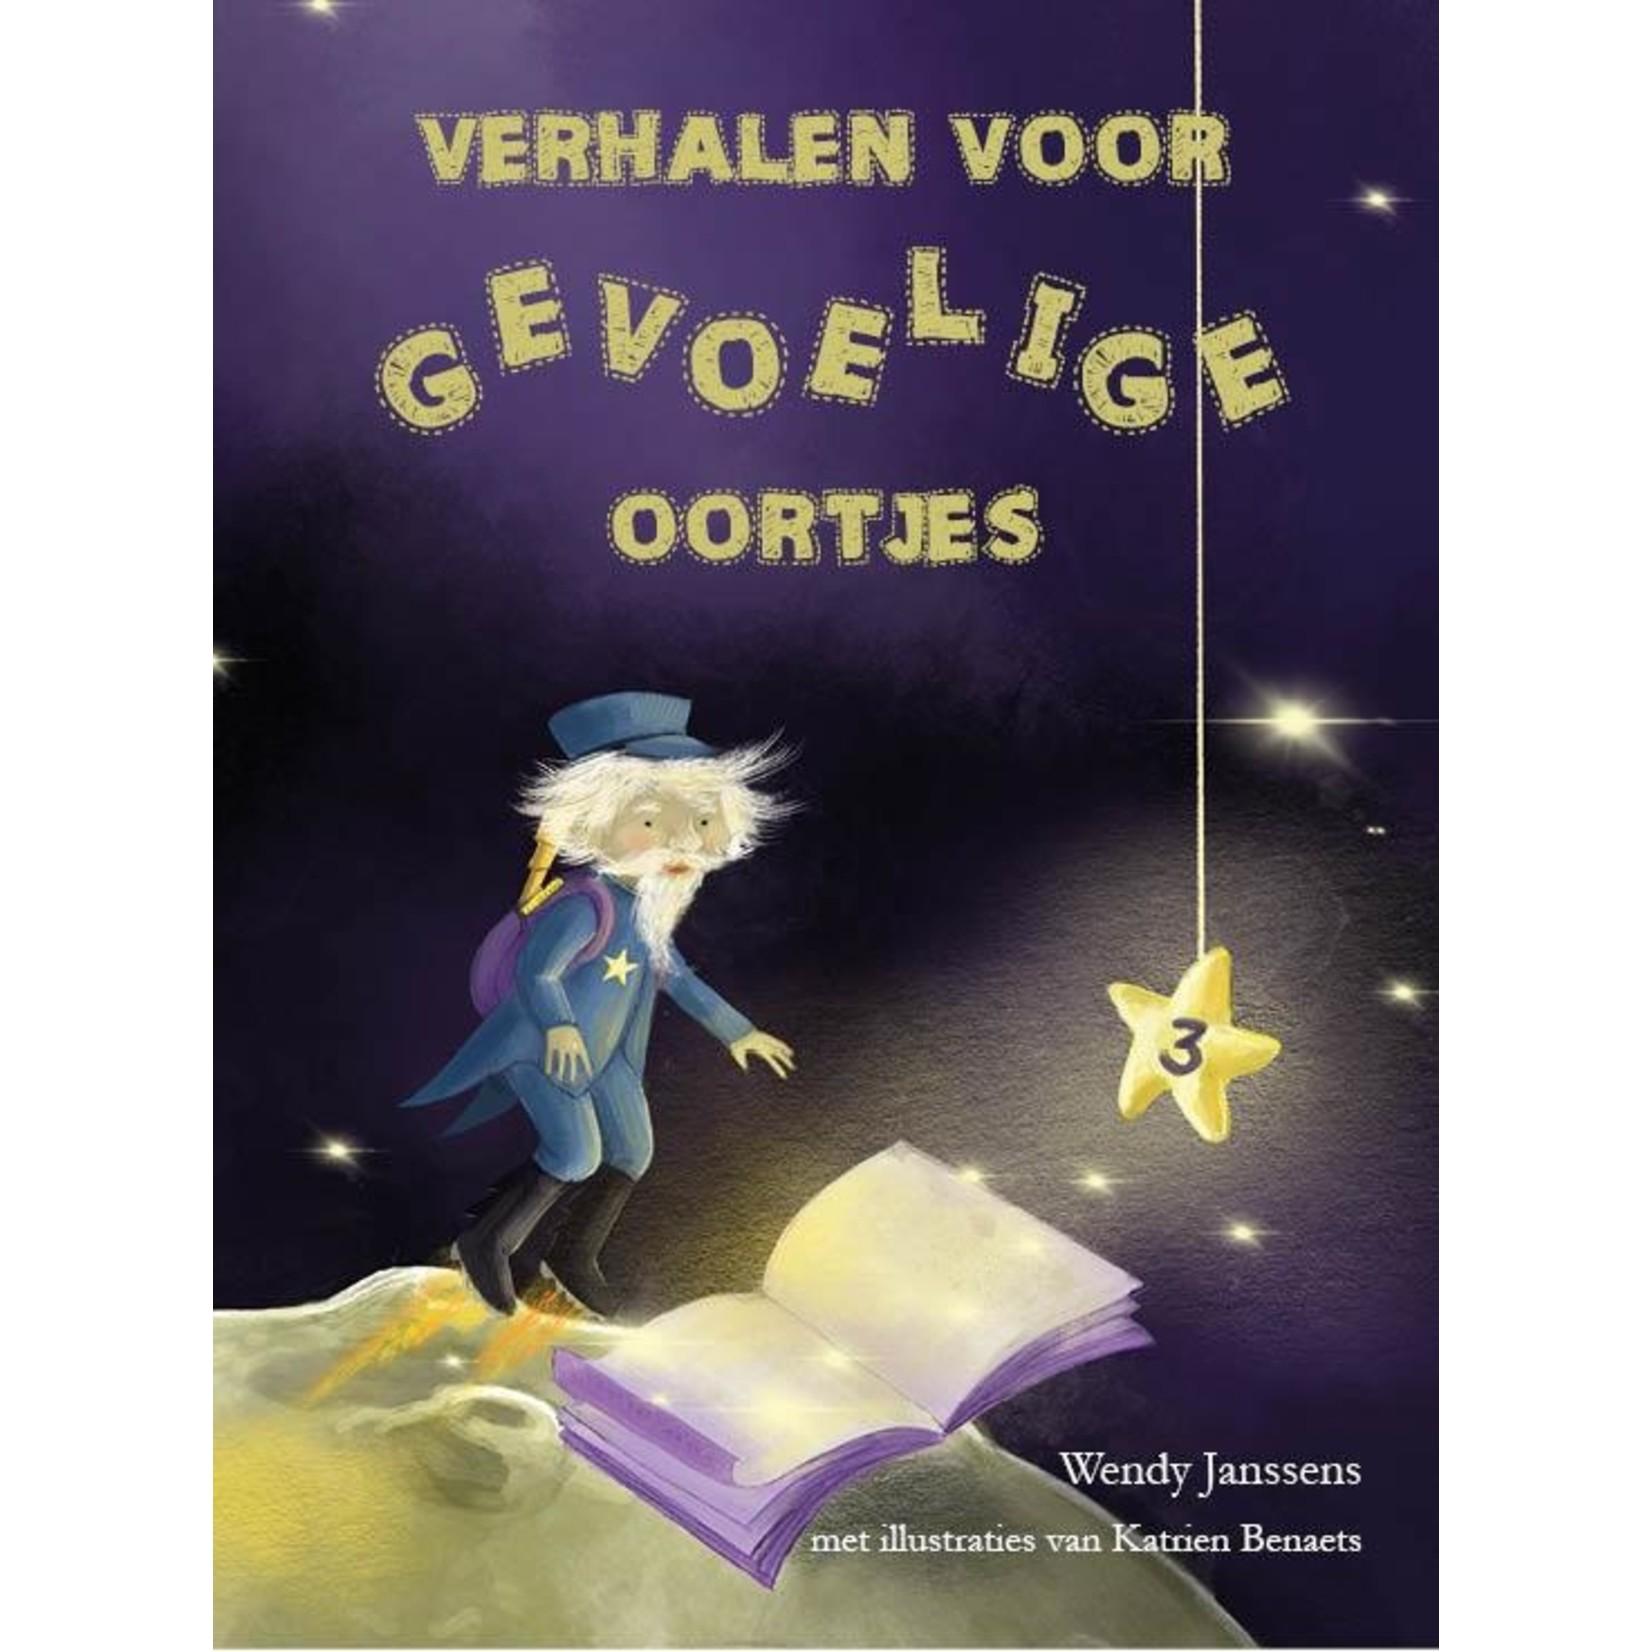 Verhalen voor gevoelige oortjes deel 3 - Wendy Janssens